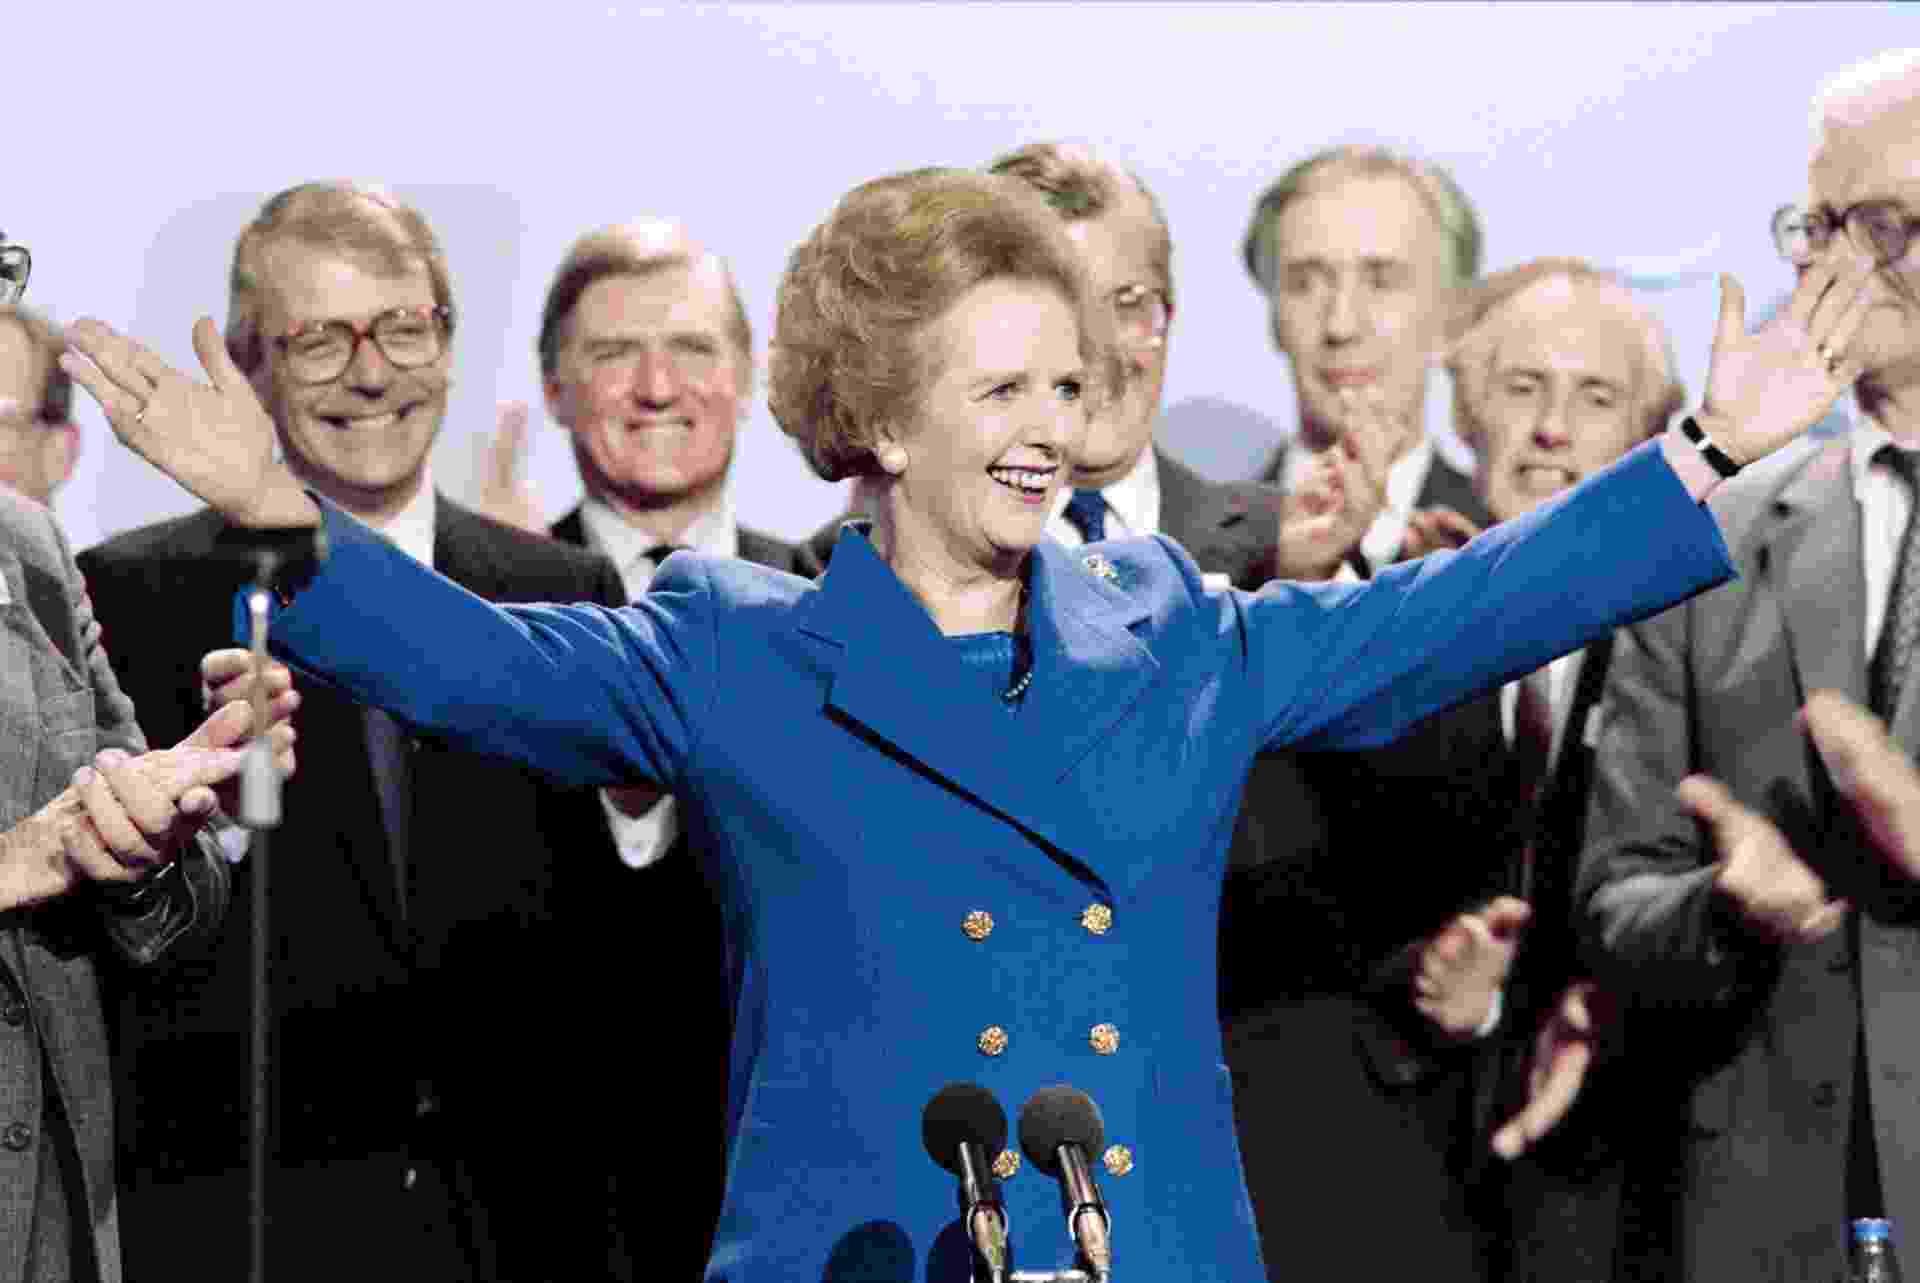 13.out.1989 - Margaret Thatcher recebe aplausos após conferência do Partido Conservador britânico em Blackpool, Inglaterra. Thatcher foi primeira-ministra do Reino Unido de 1979 a 1990, o maior período contínuo no governo para um primeiro-ministro britânico desde o início do século 19 - Johnny Eggitt/AFP